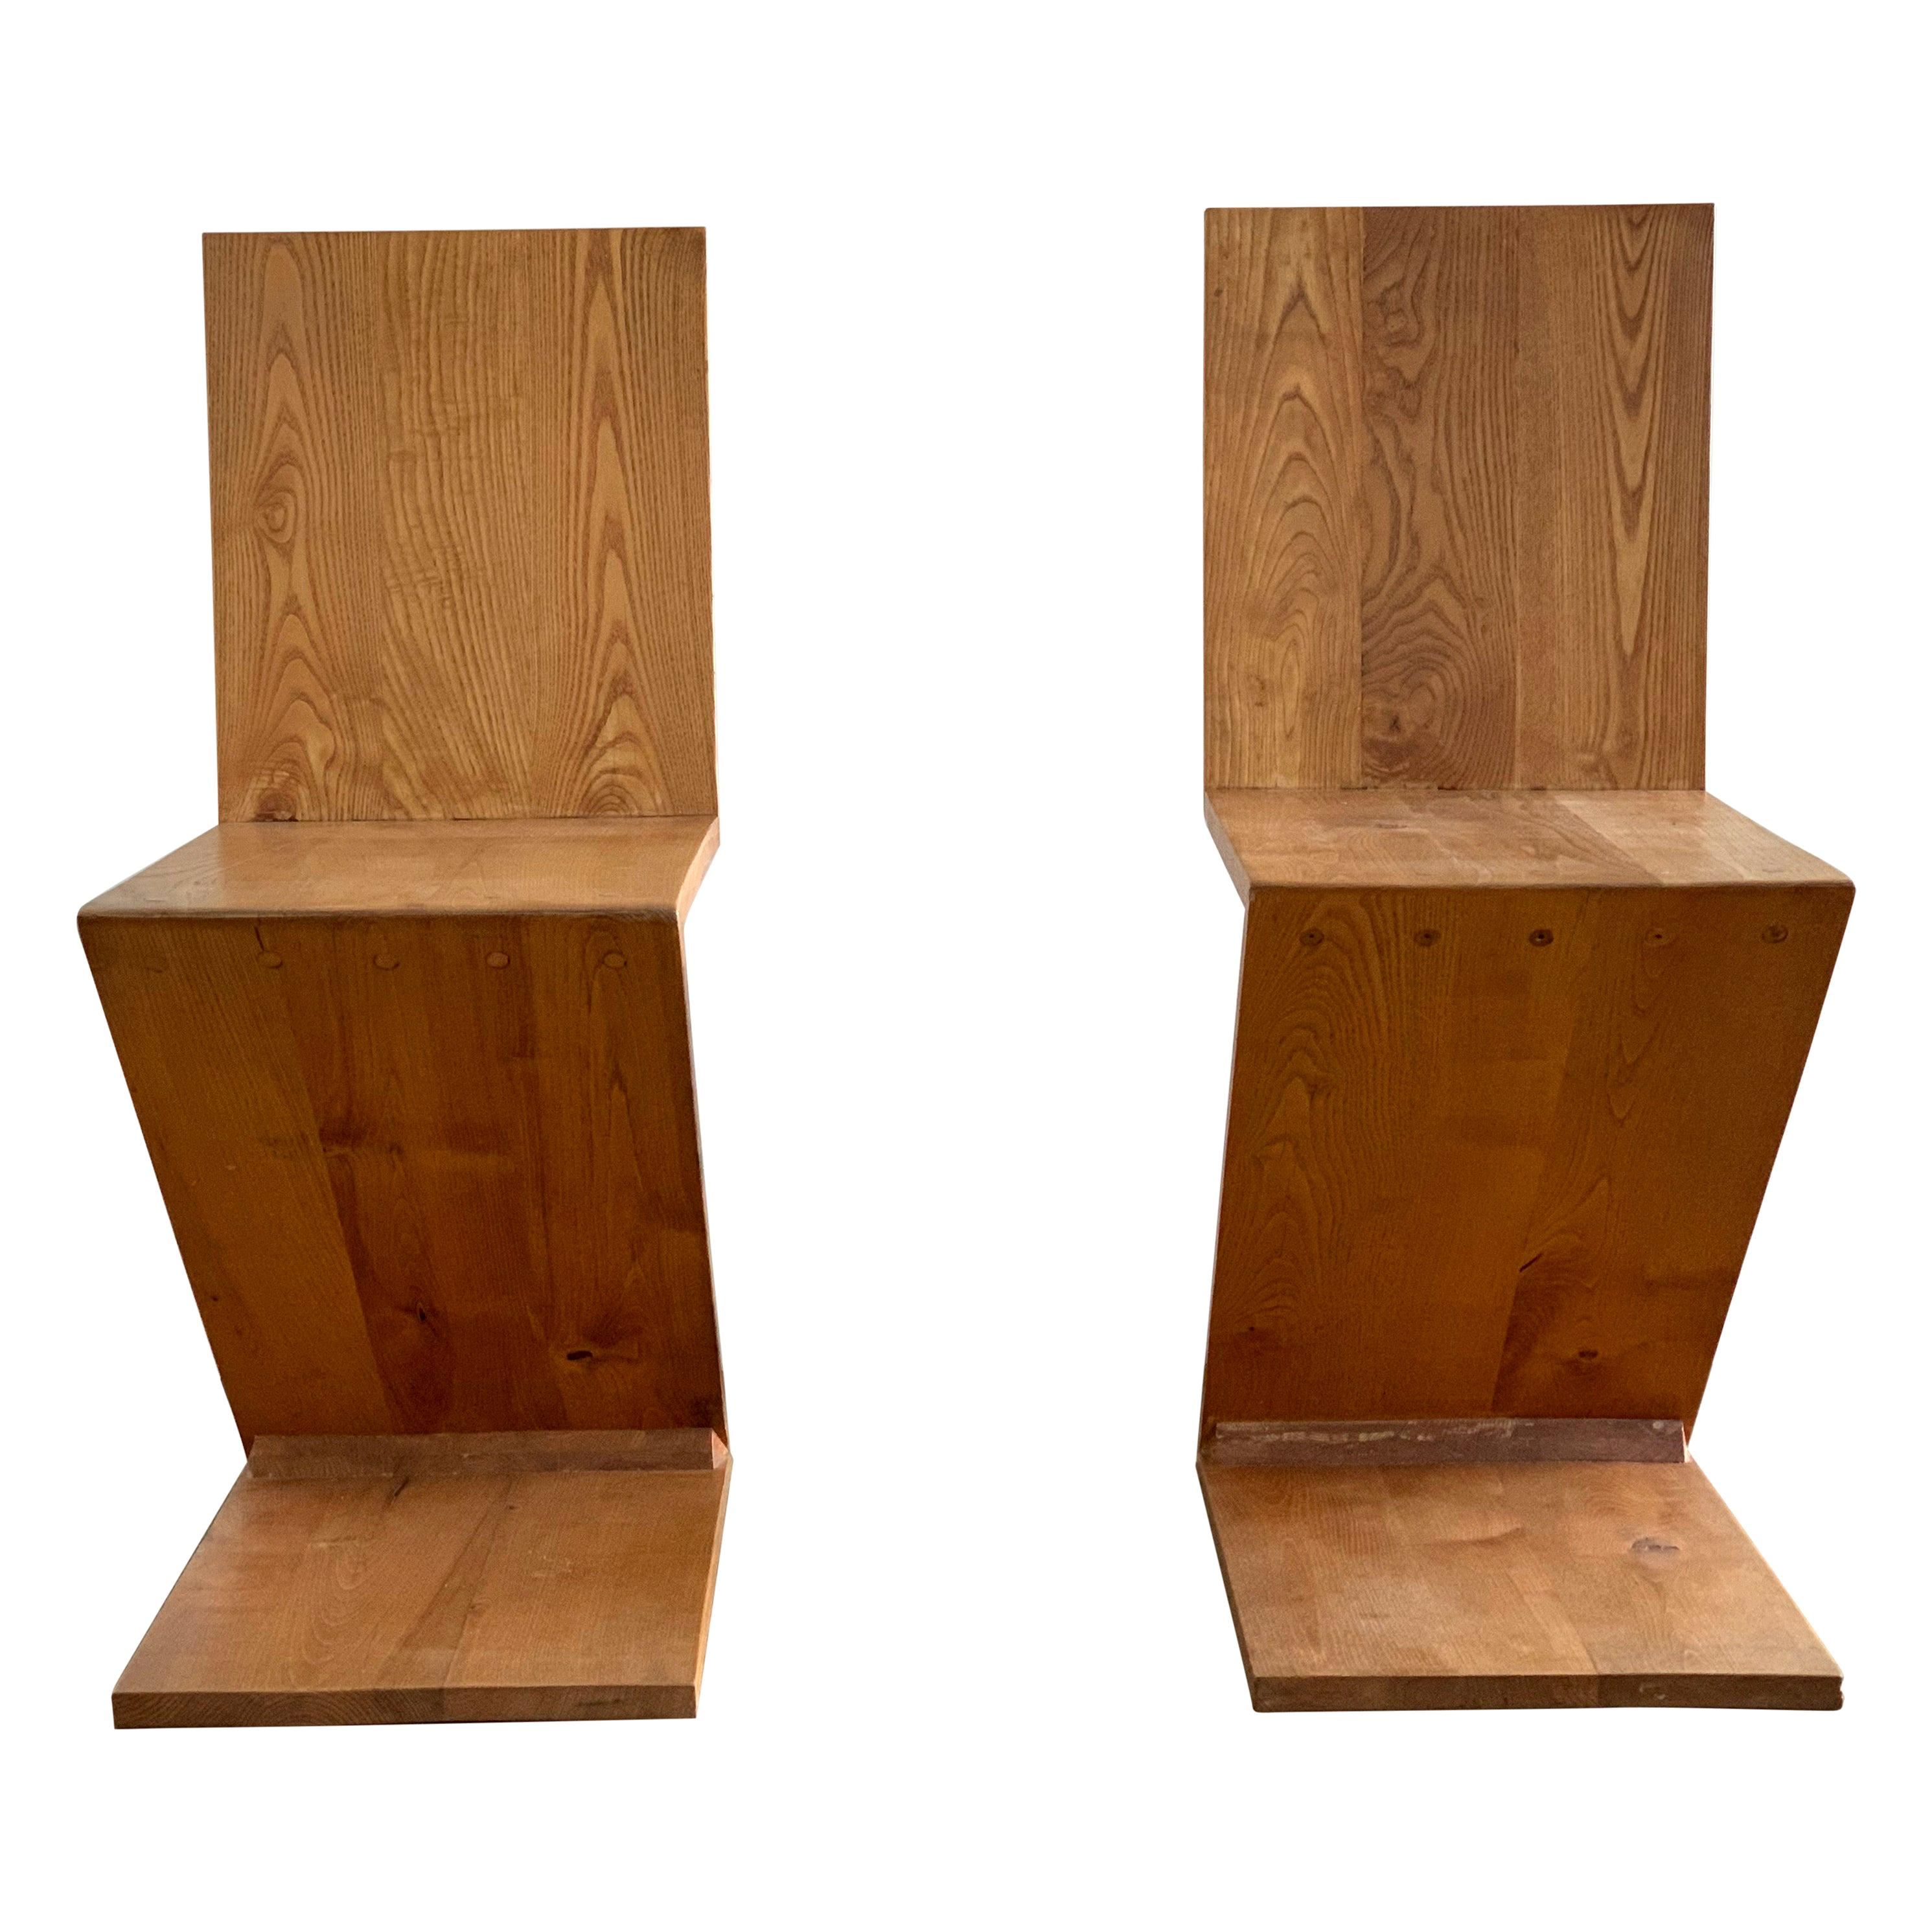 Pair of Gerrit Rietveld Zig Zag Chairs, 1960s